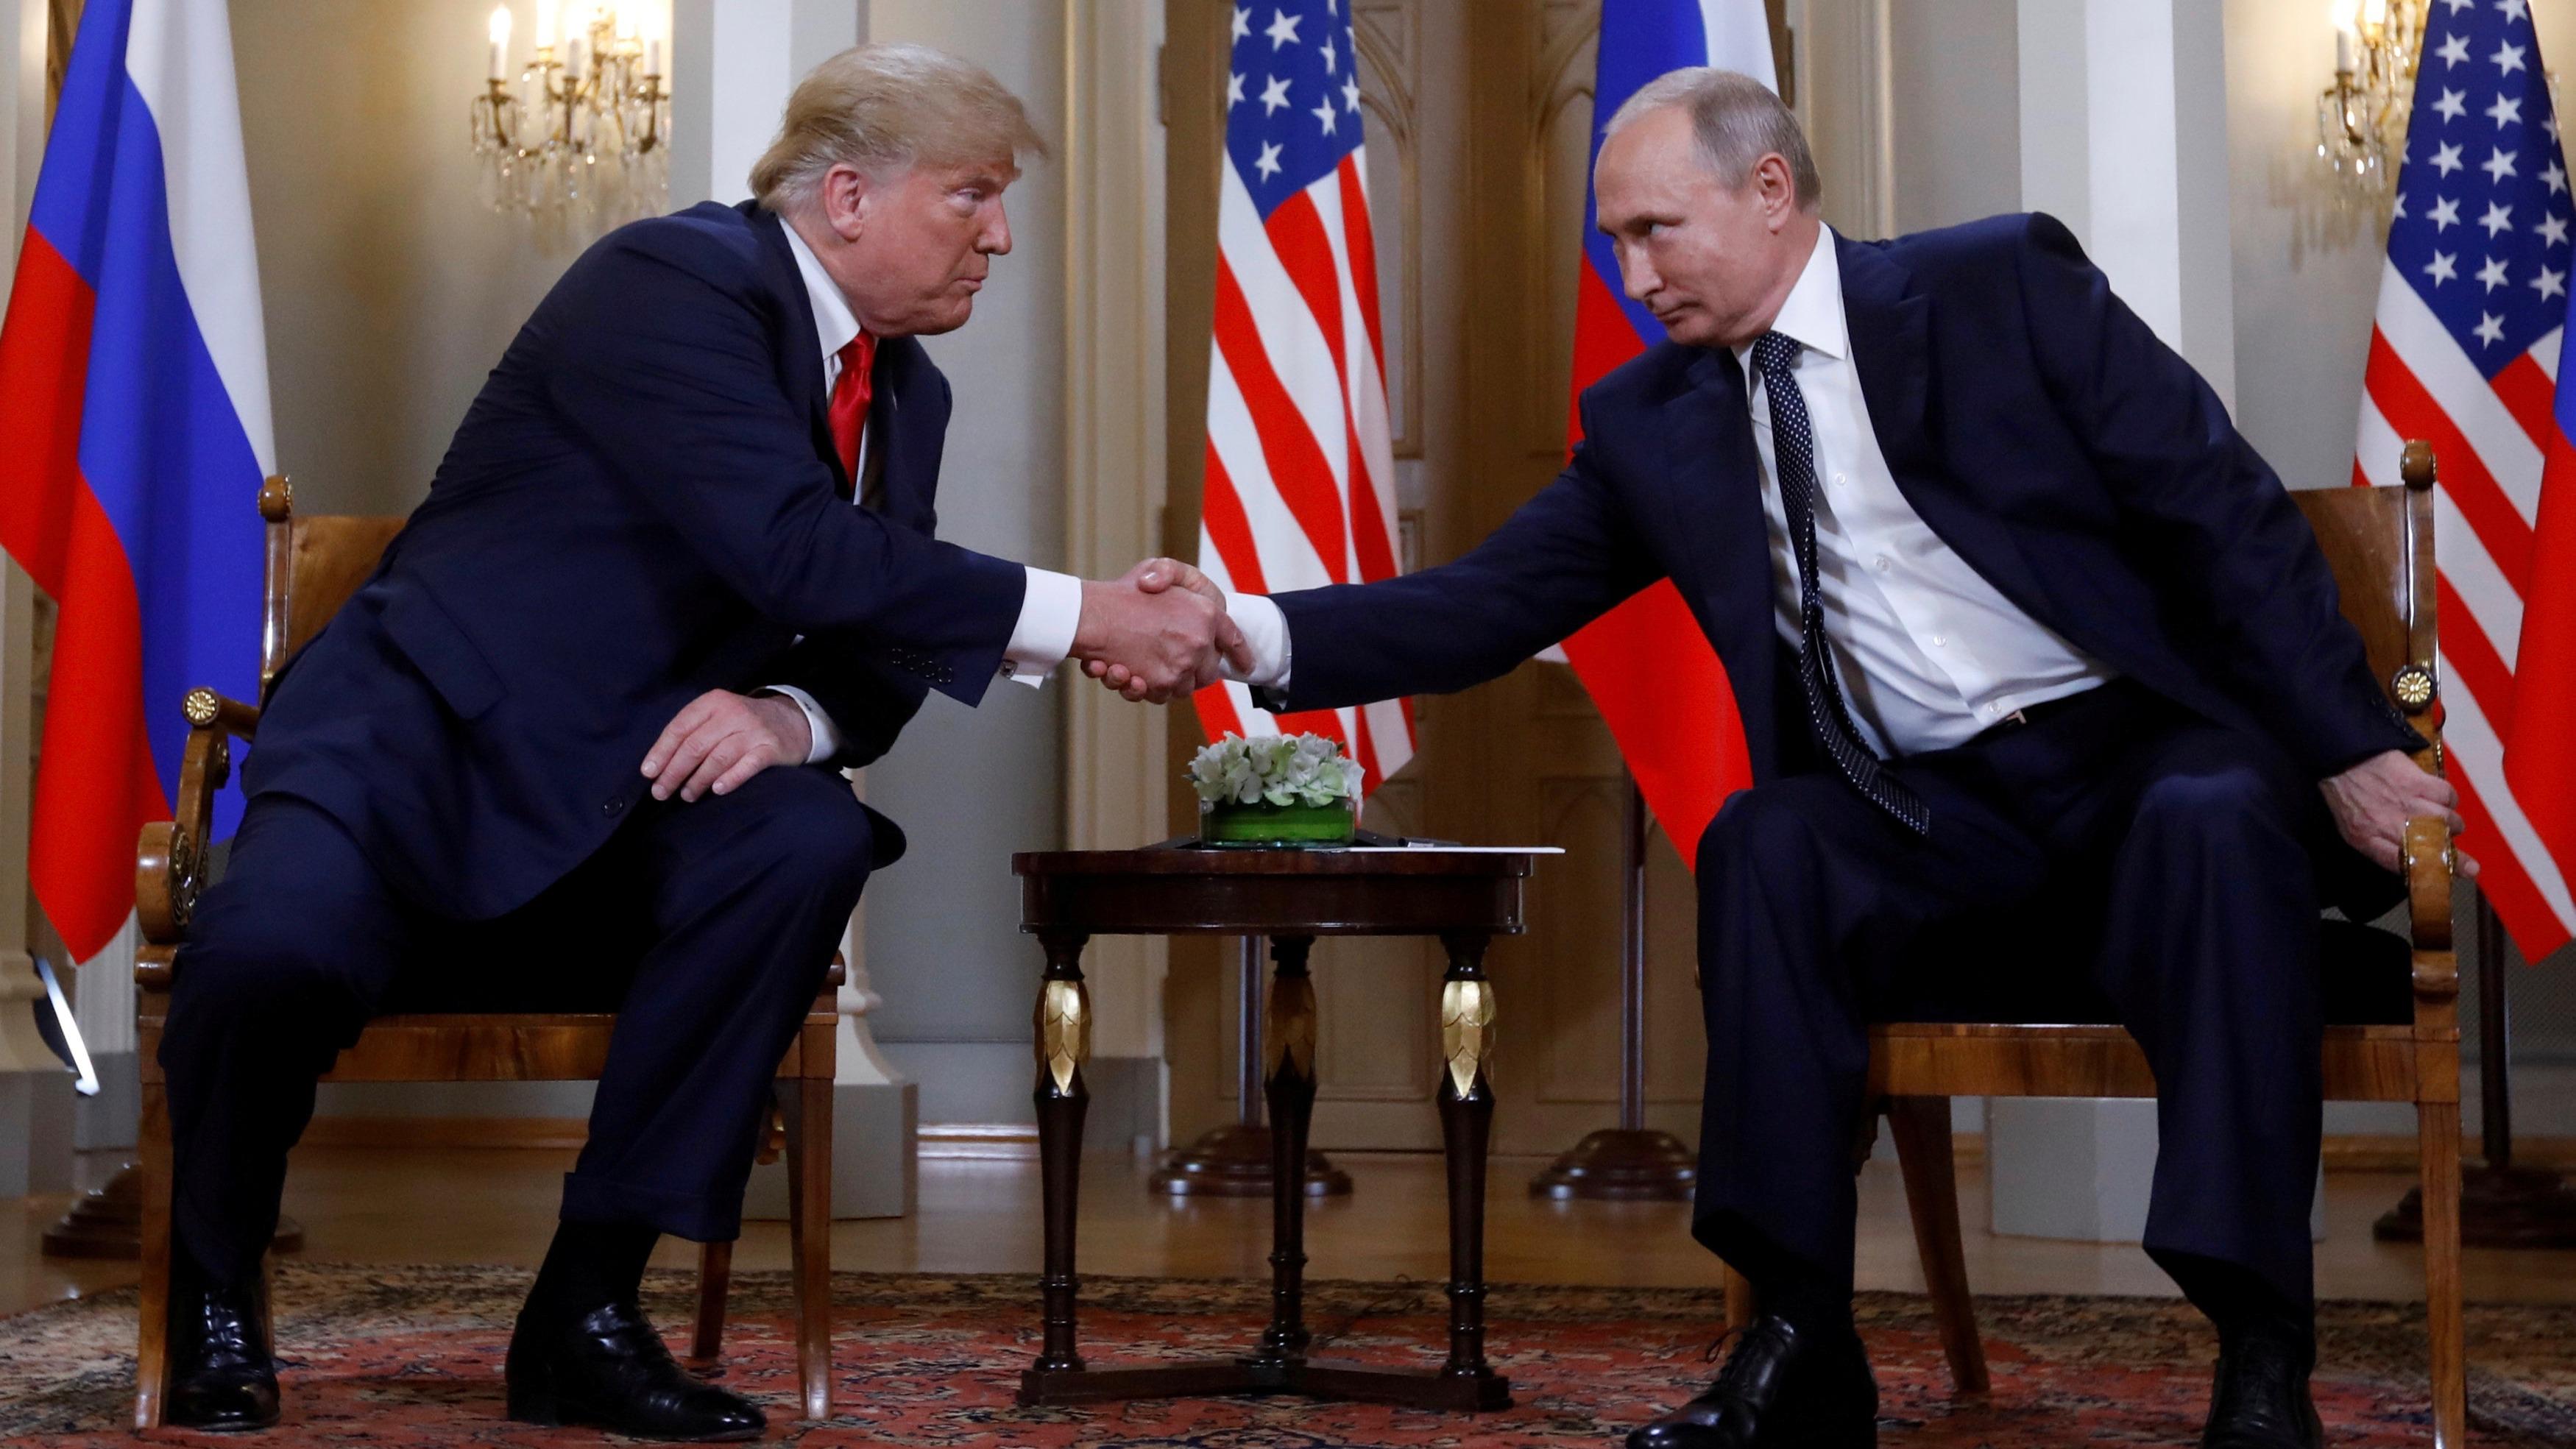 Did Trump commit treason in Helsinki?